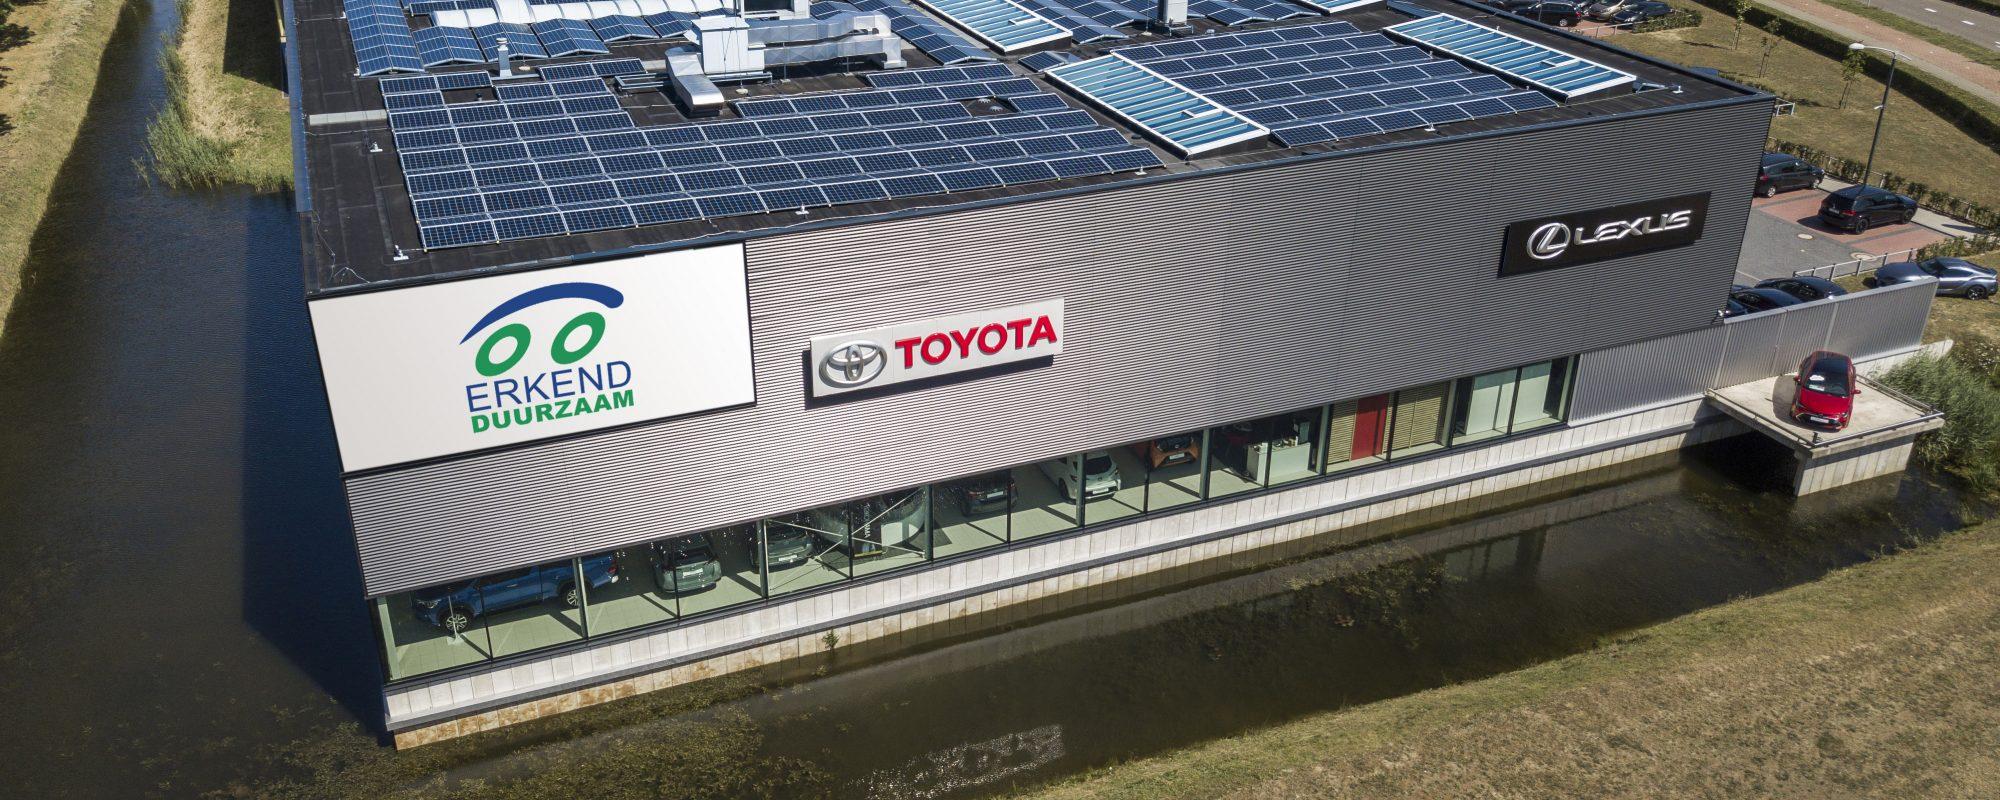 Toyota en Lexus dealerorganisatie als eerste Erkend Duurzaam Plus